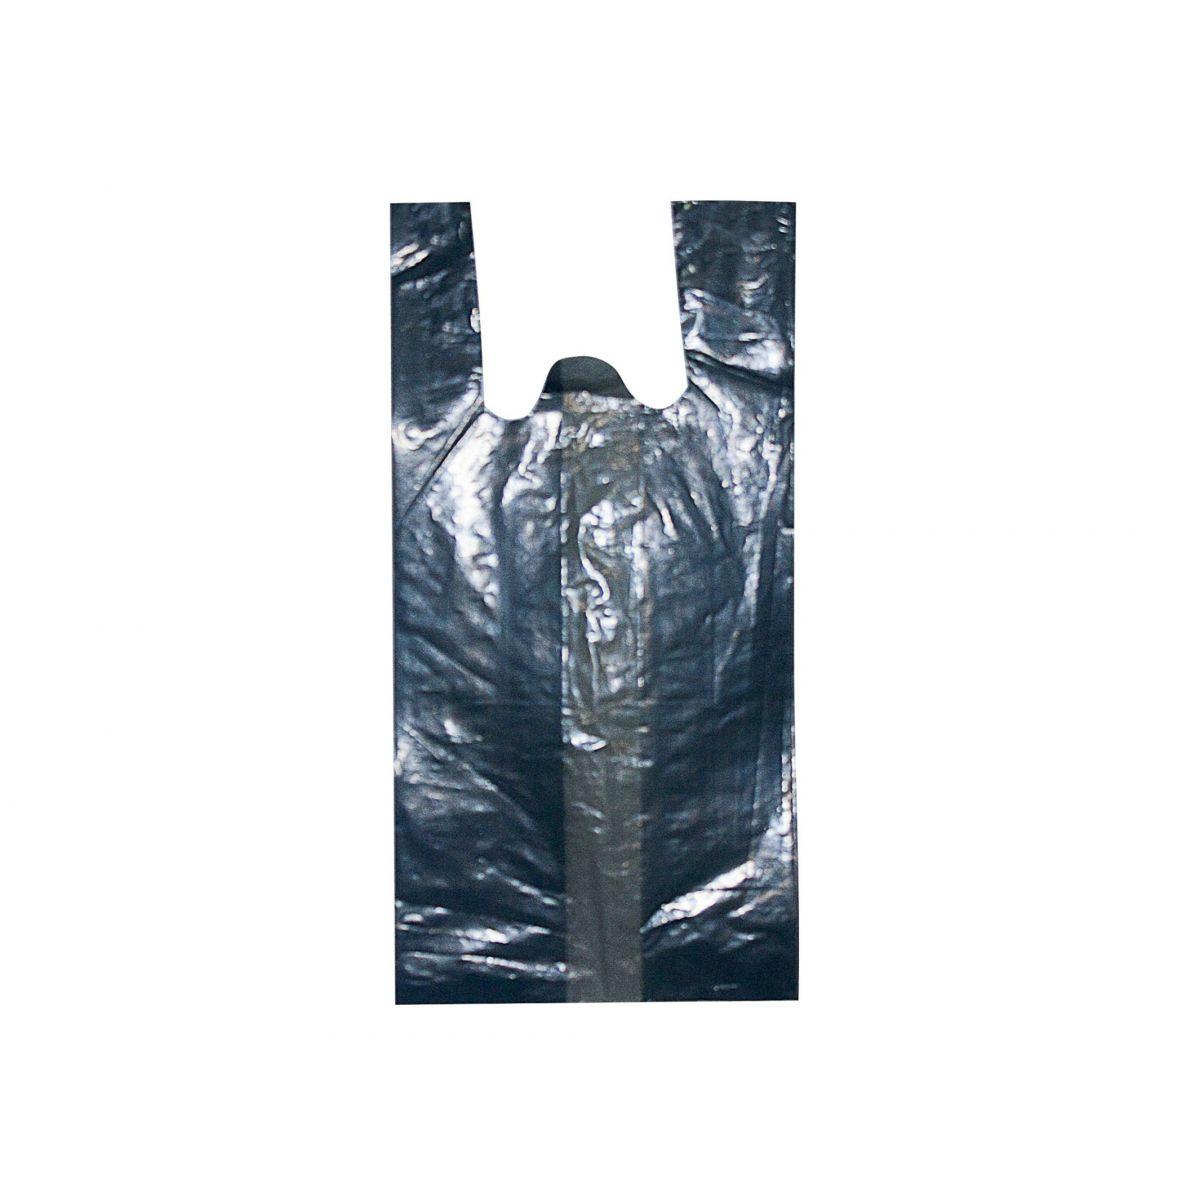 Sacola plástica Alça Camiseta - Preta Reciclada - 50x70cm - Pacote 135 unid (5 KG)